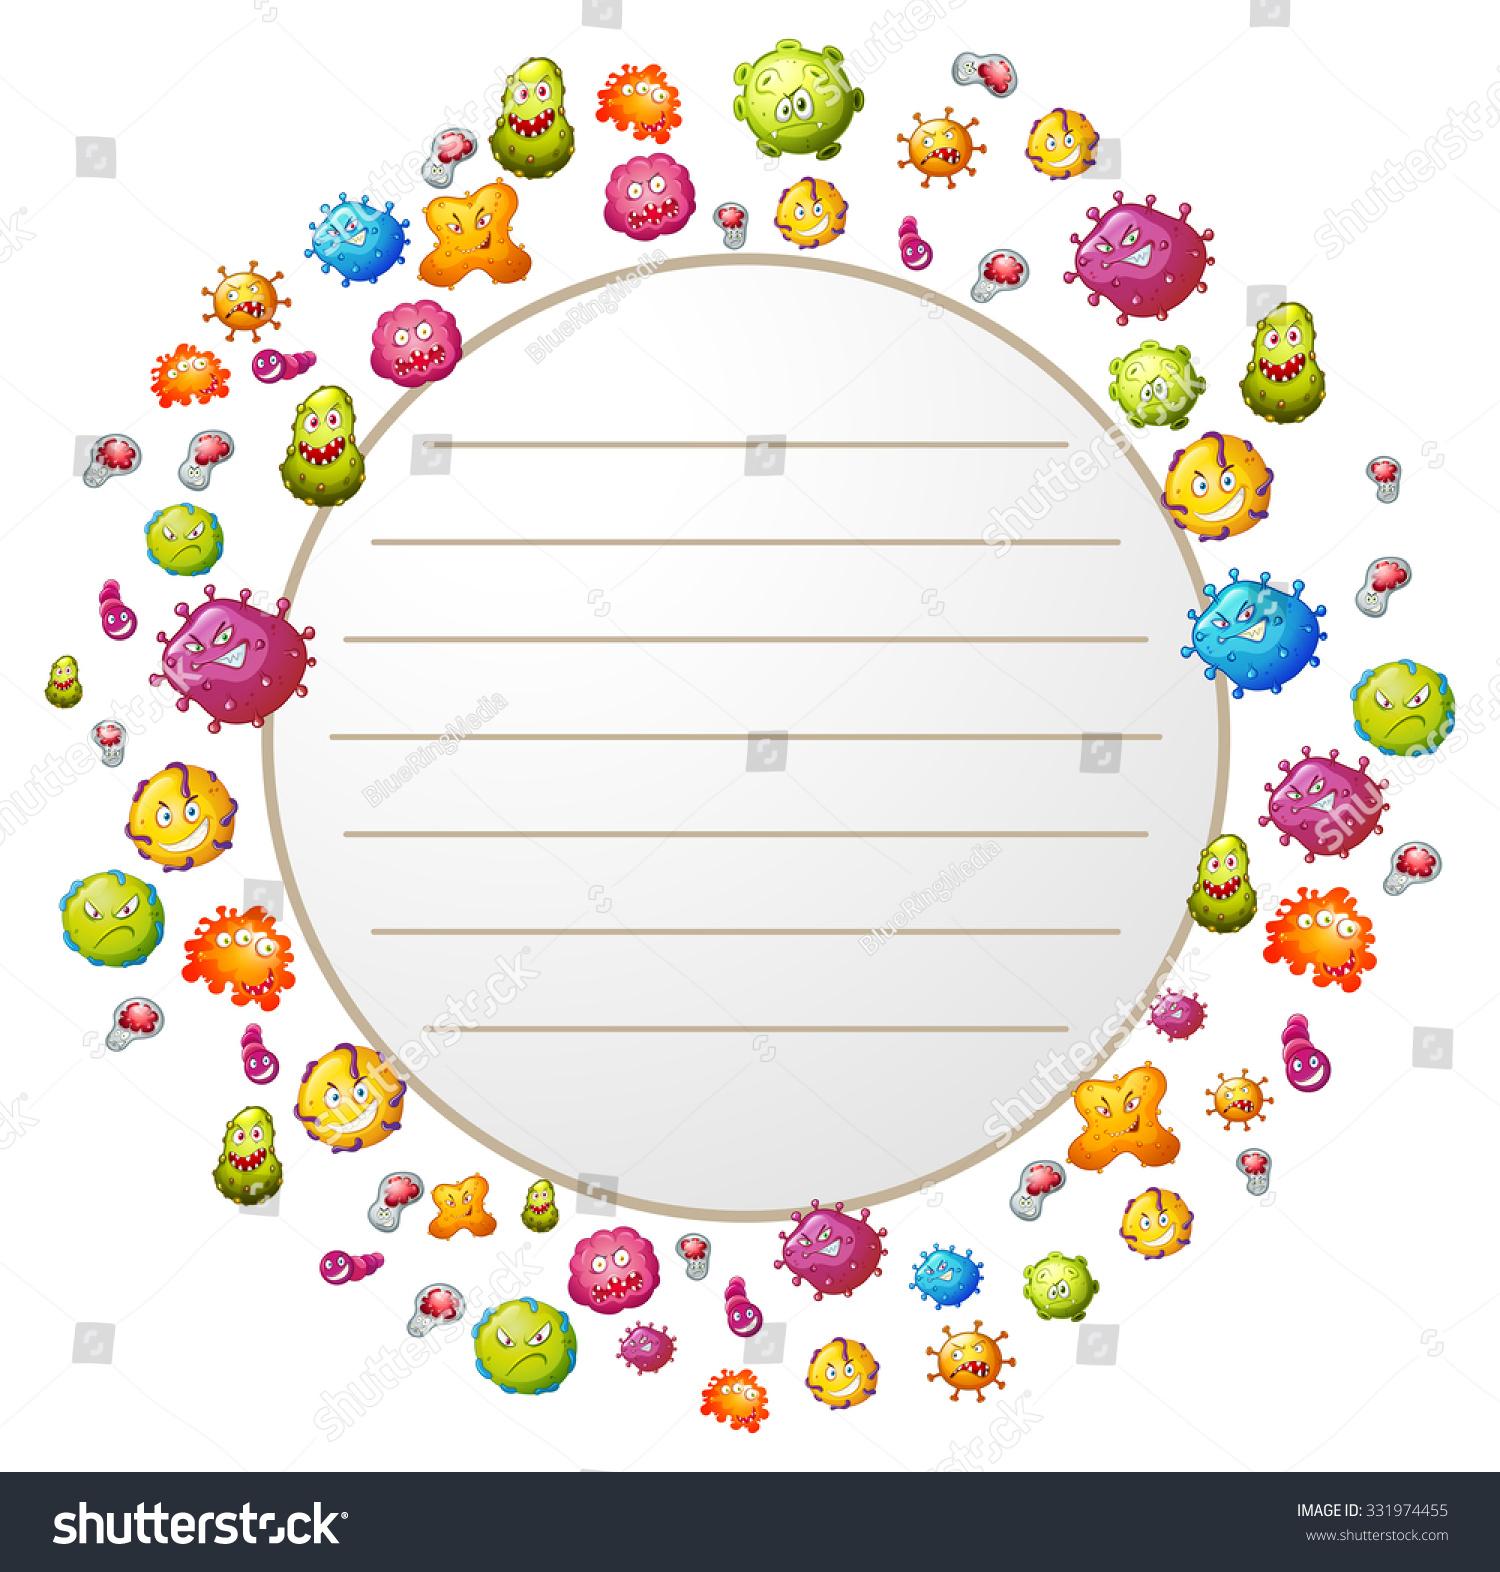 Border design bacteria illustration stock vector 331974455 for Html cell border